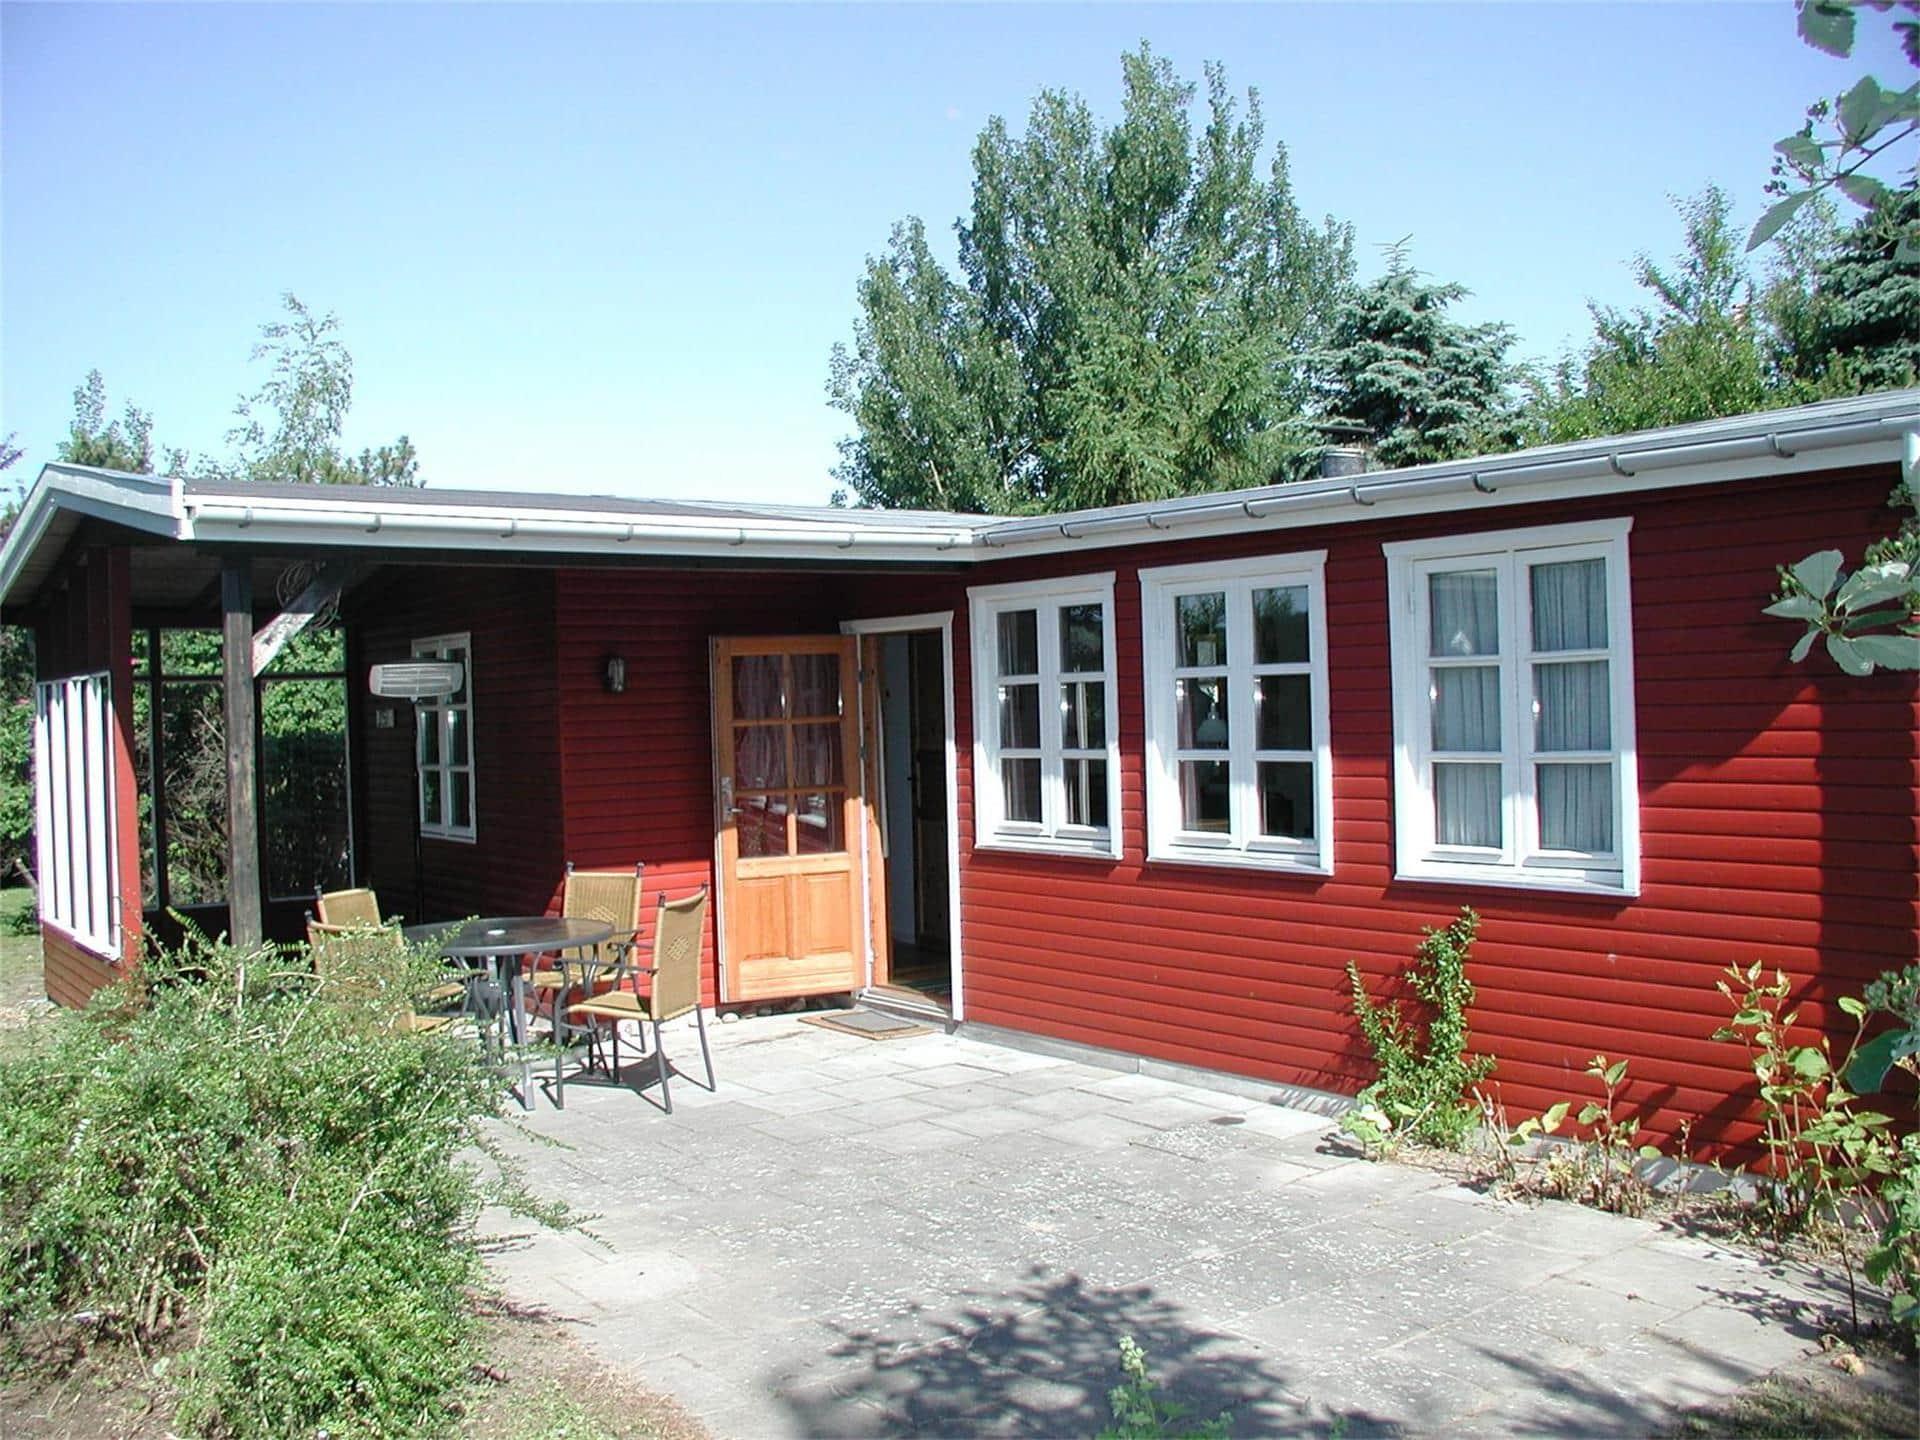 Billede 1-6 Sommerhus N048, Havbakken 251, DK - 4736 Karrebæksminde